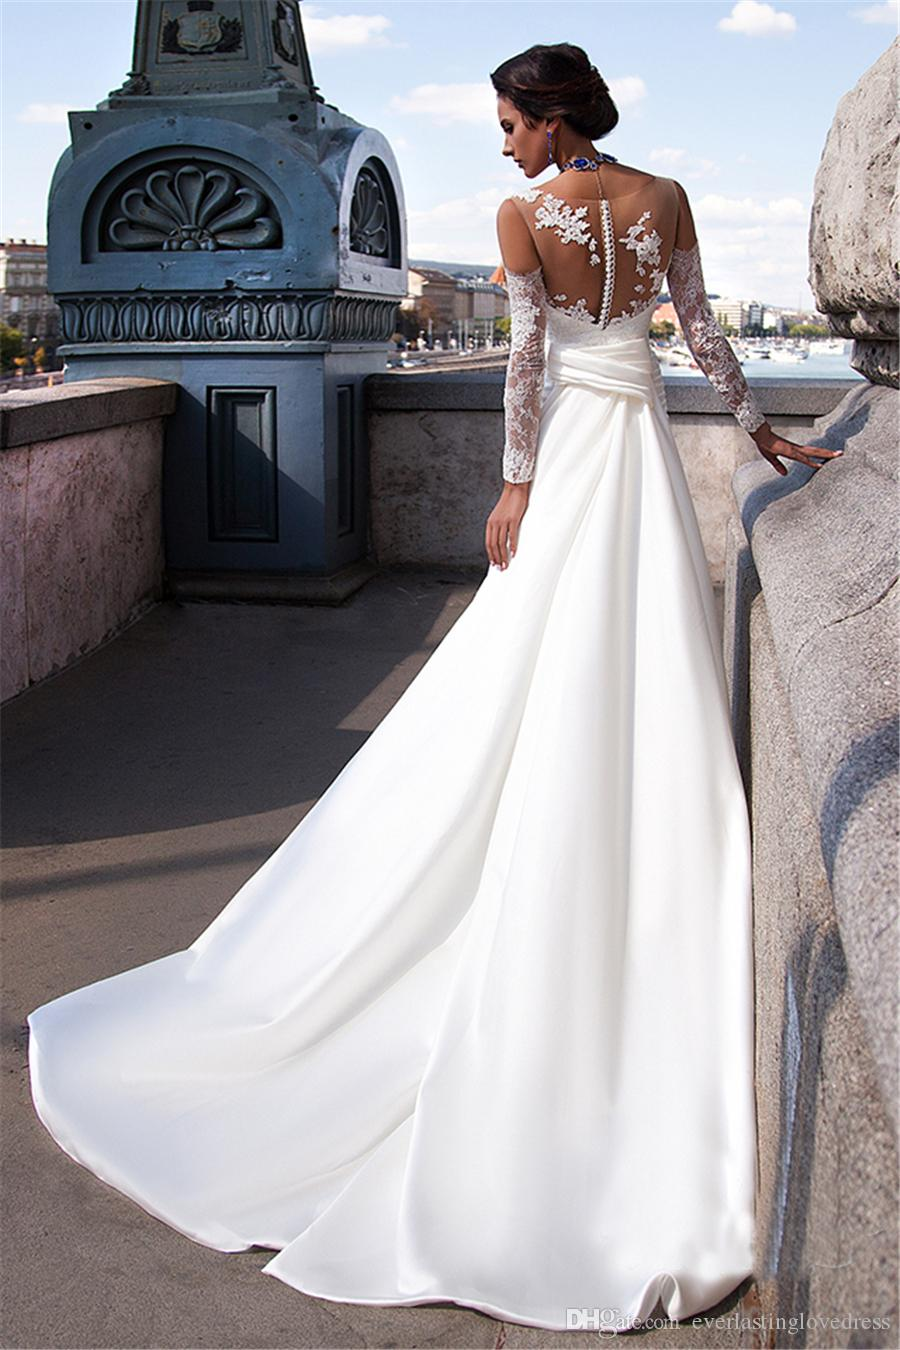 Совок Аппликация Кружева Sheer оболочки Мягкие атласные свадебные платья Длинные рукава Длинные Поезд Белый Debutante платья Бич свадебное платье